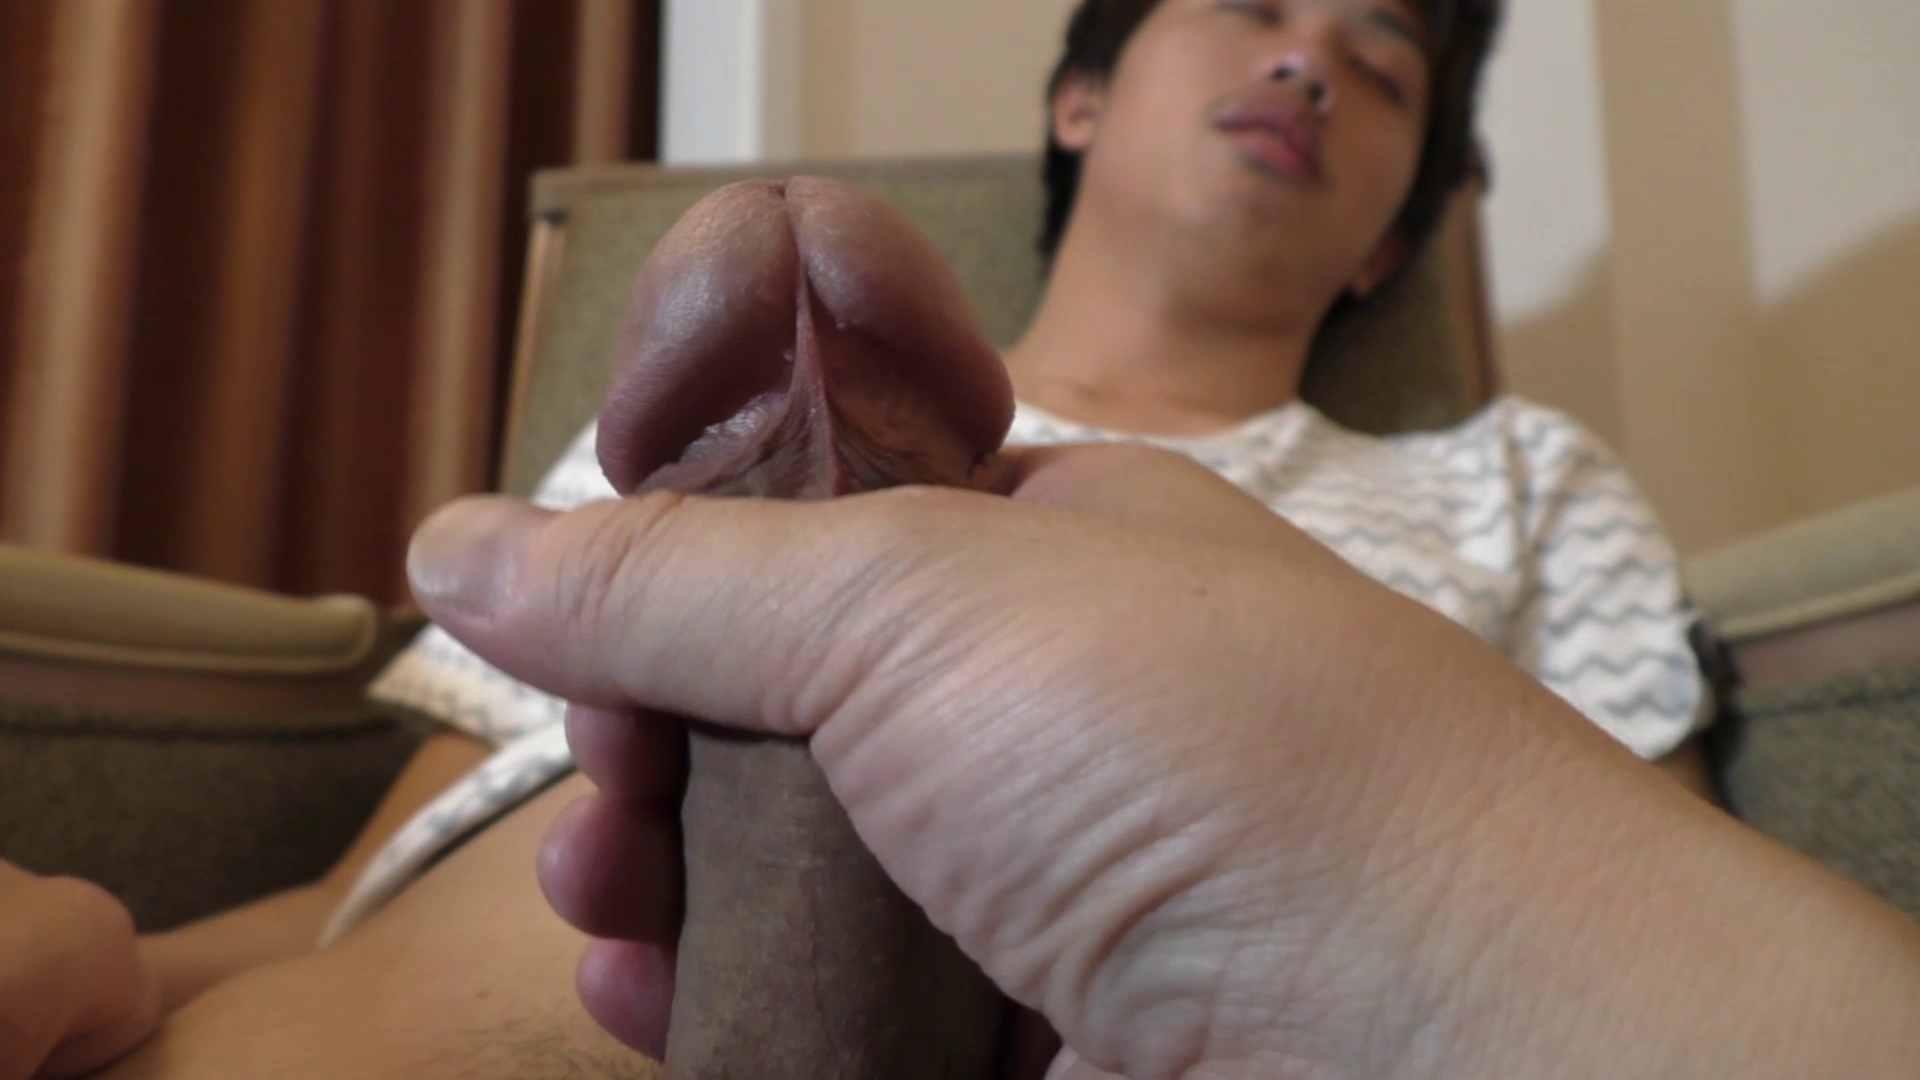 おいはカリデカ!File.03 イメージ (sex) ゲイエロビデオ画像 76枚 63